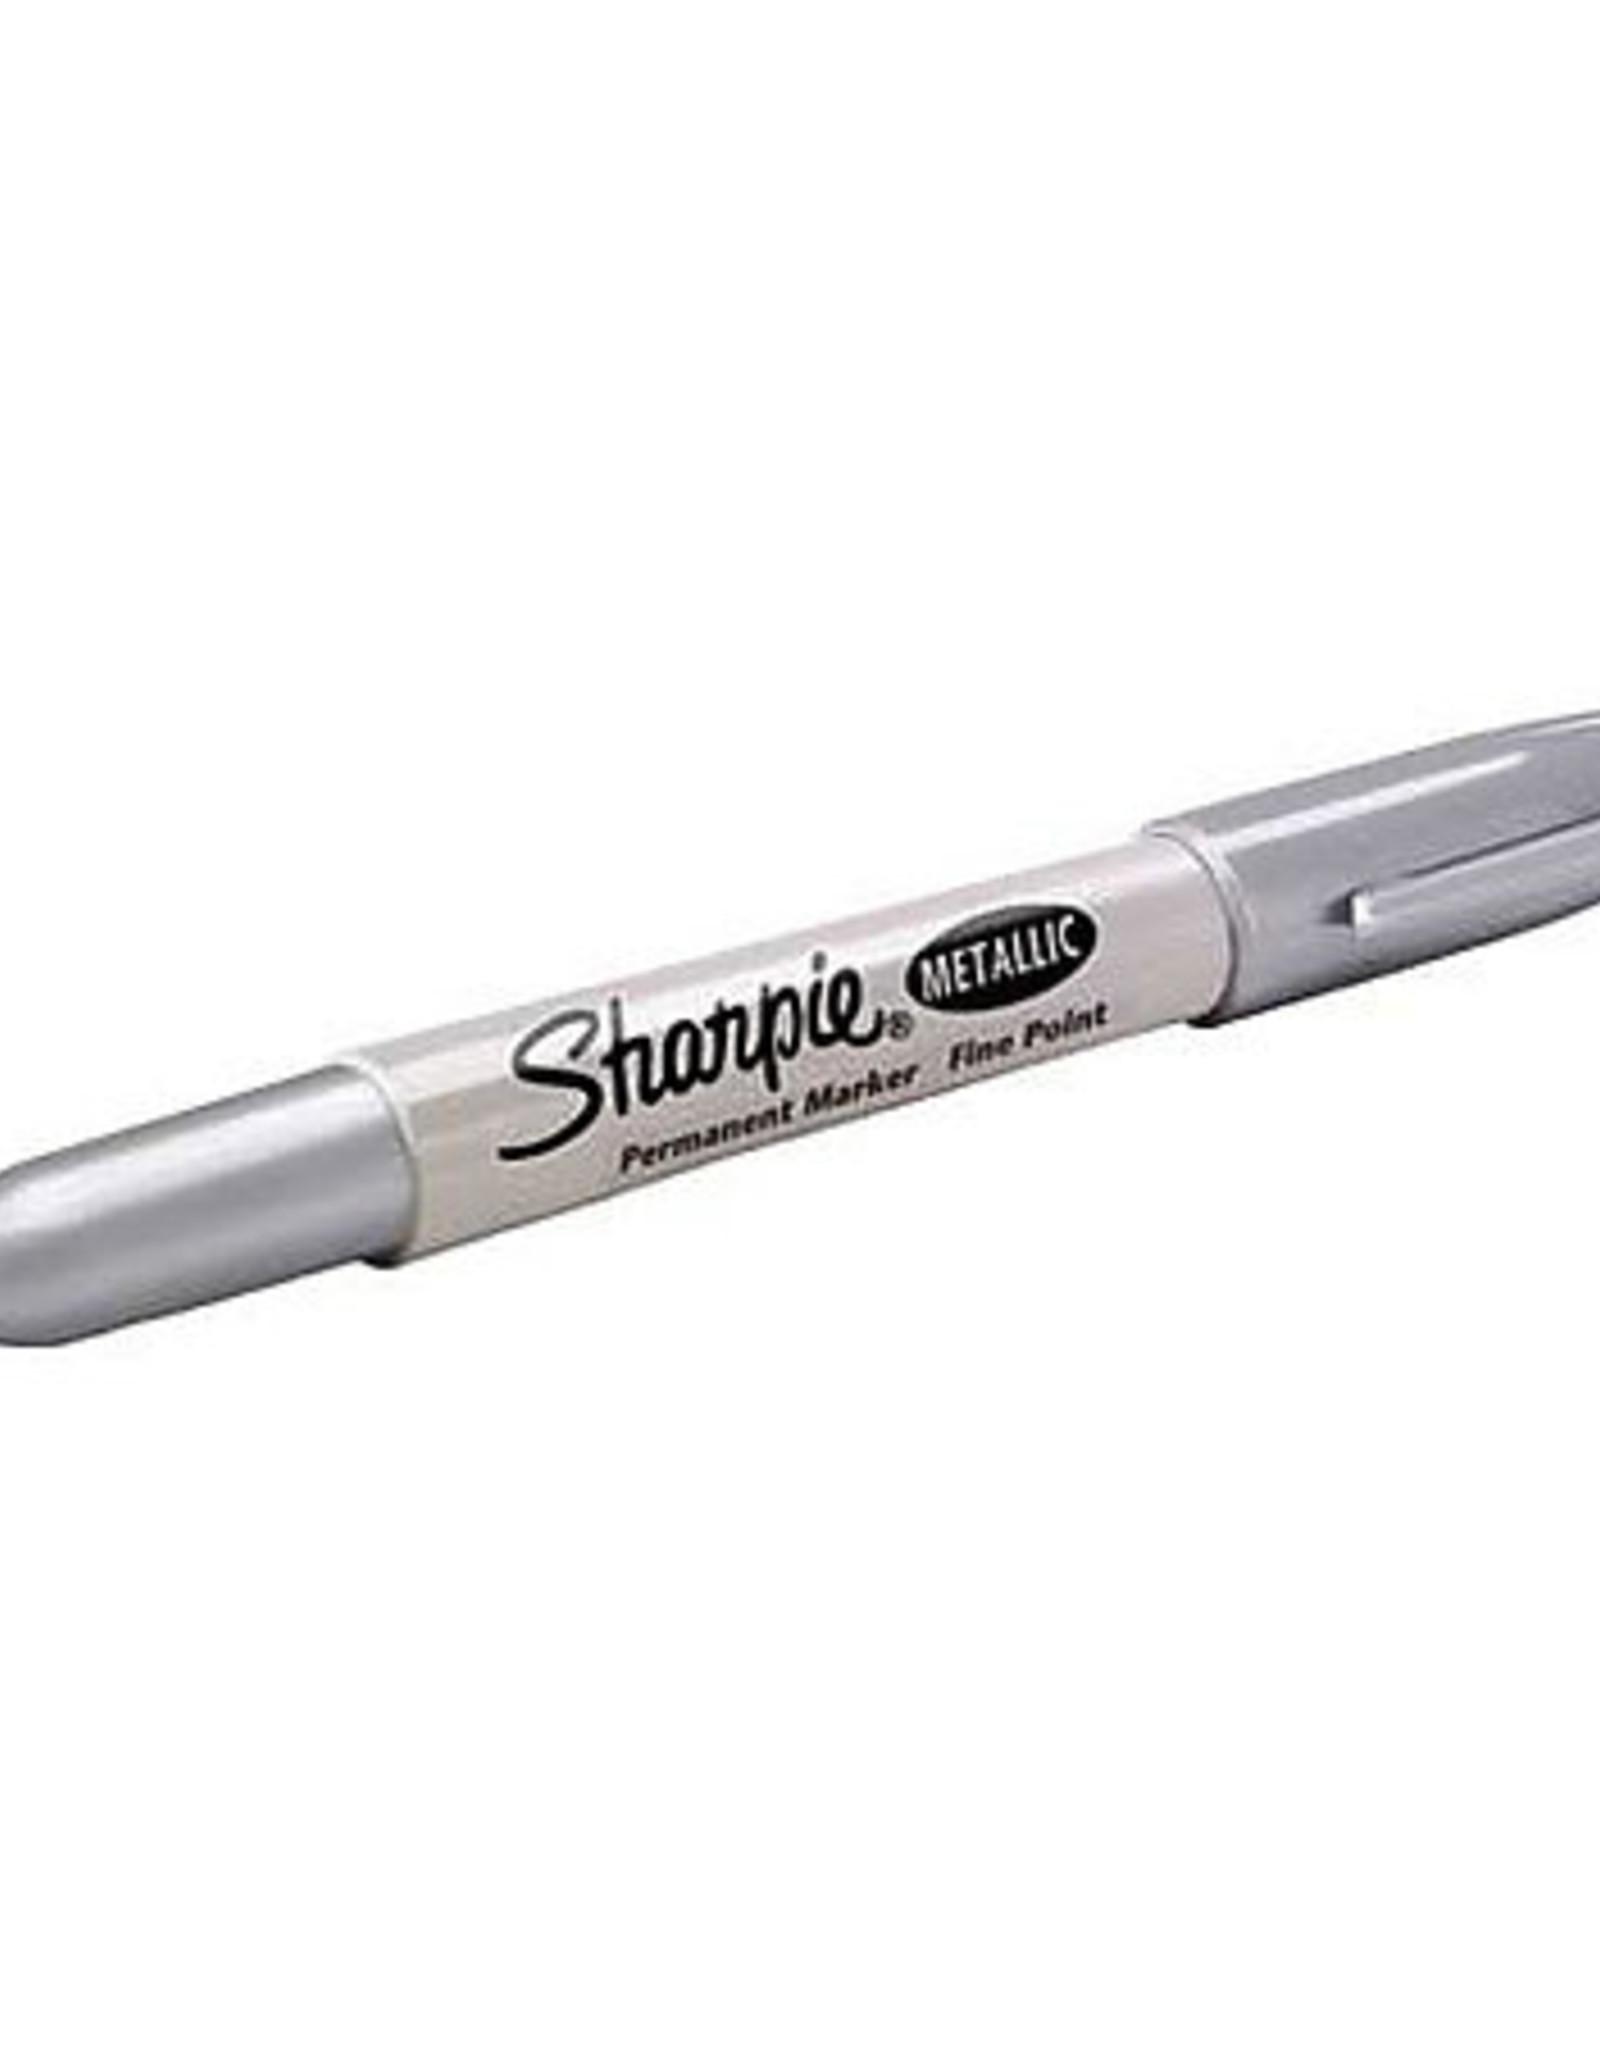 Sharpie Sharpie Markers